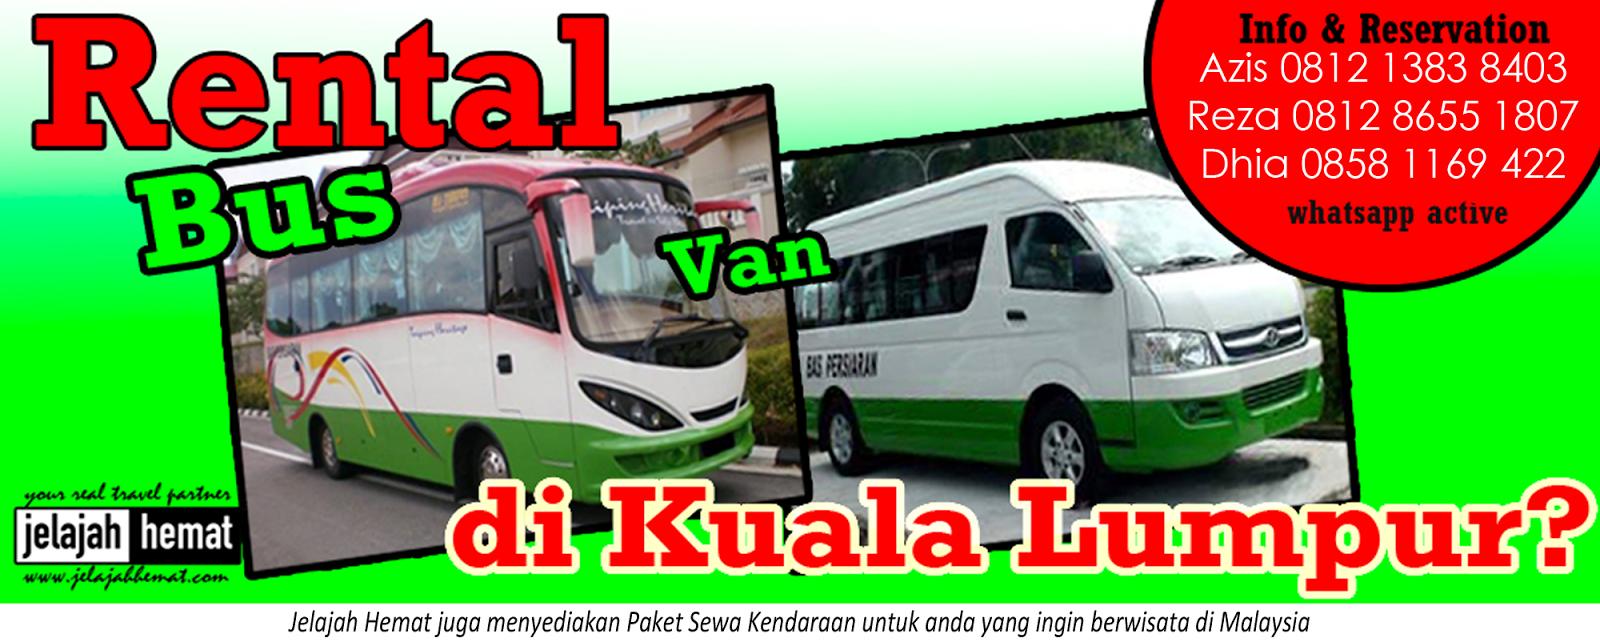 Sewa Bus Van Di Malaysia Terpercaya Paket Wisata Paket Tour